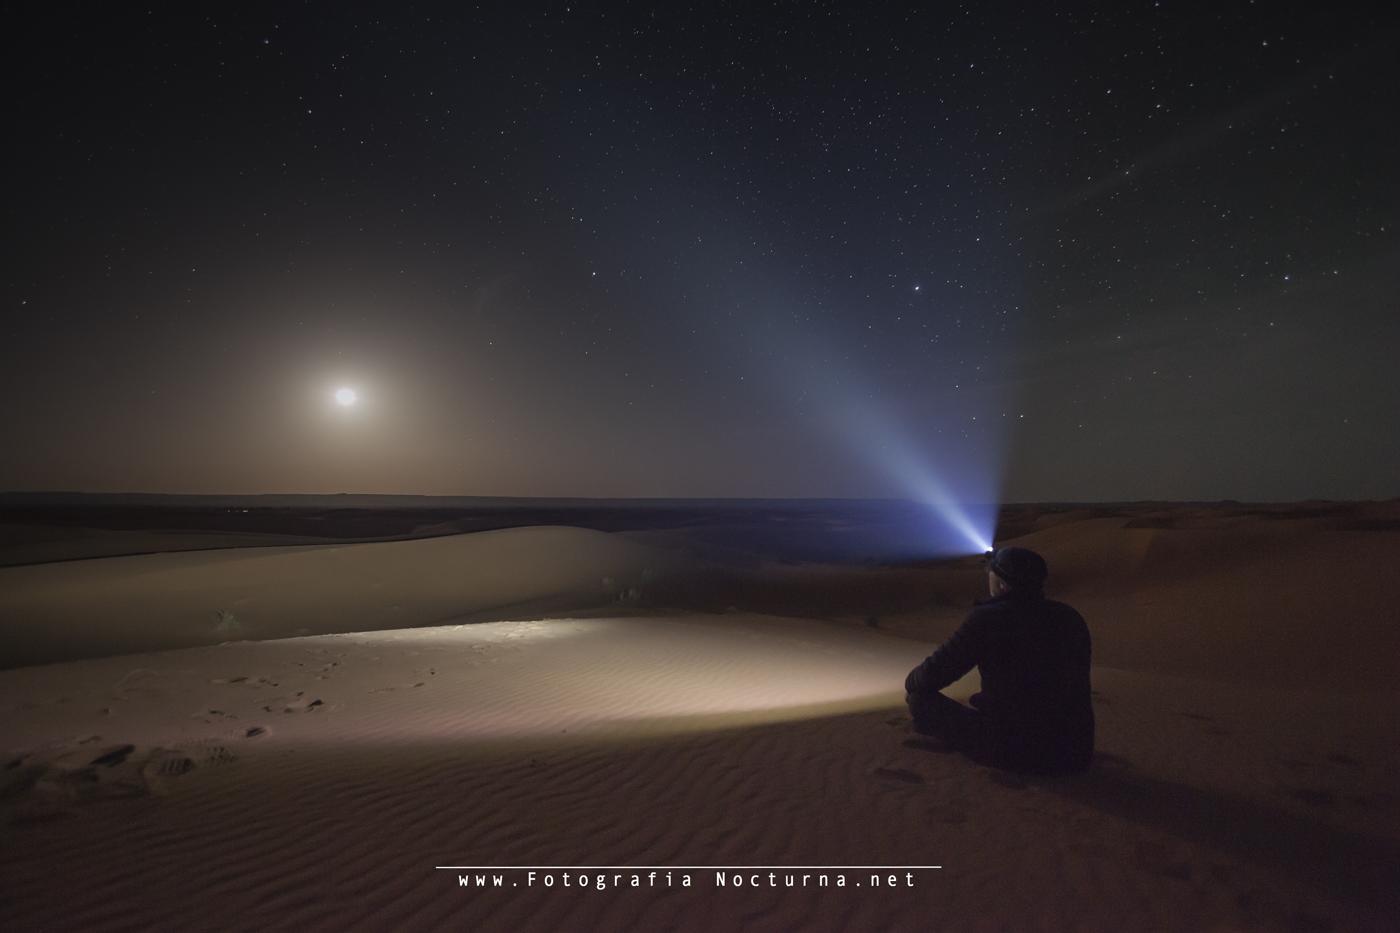 Desierto de Erg Chebbi (Maroc)